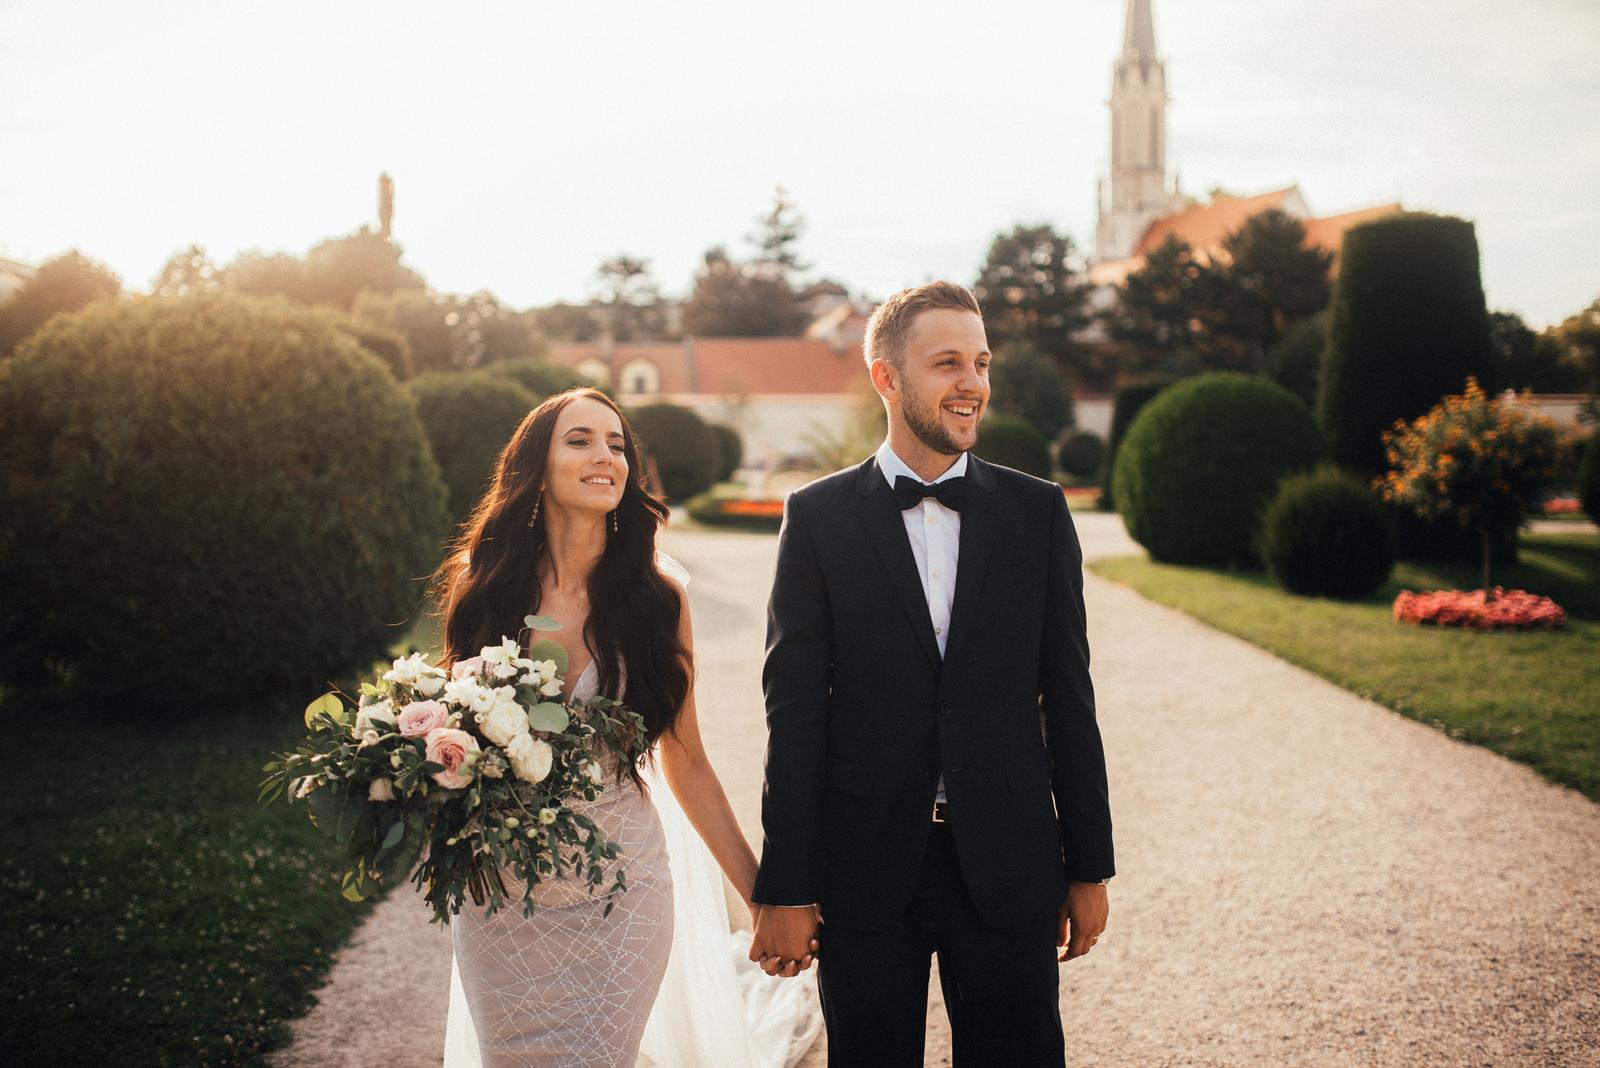 Romantická púdrovo-zlatá greenery svadbička Nelky a Denisa - foto Matej Kmeť